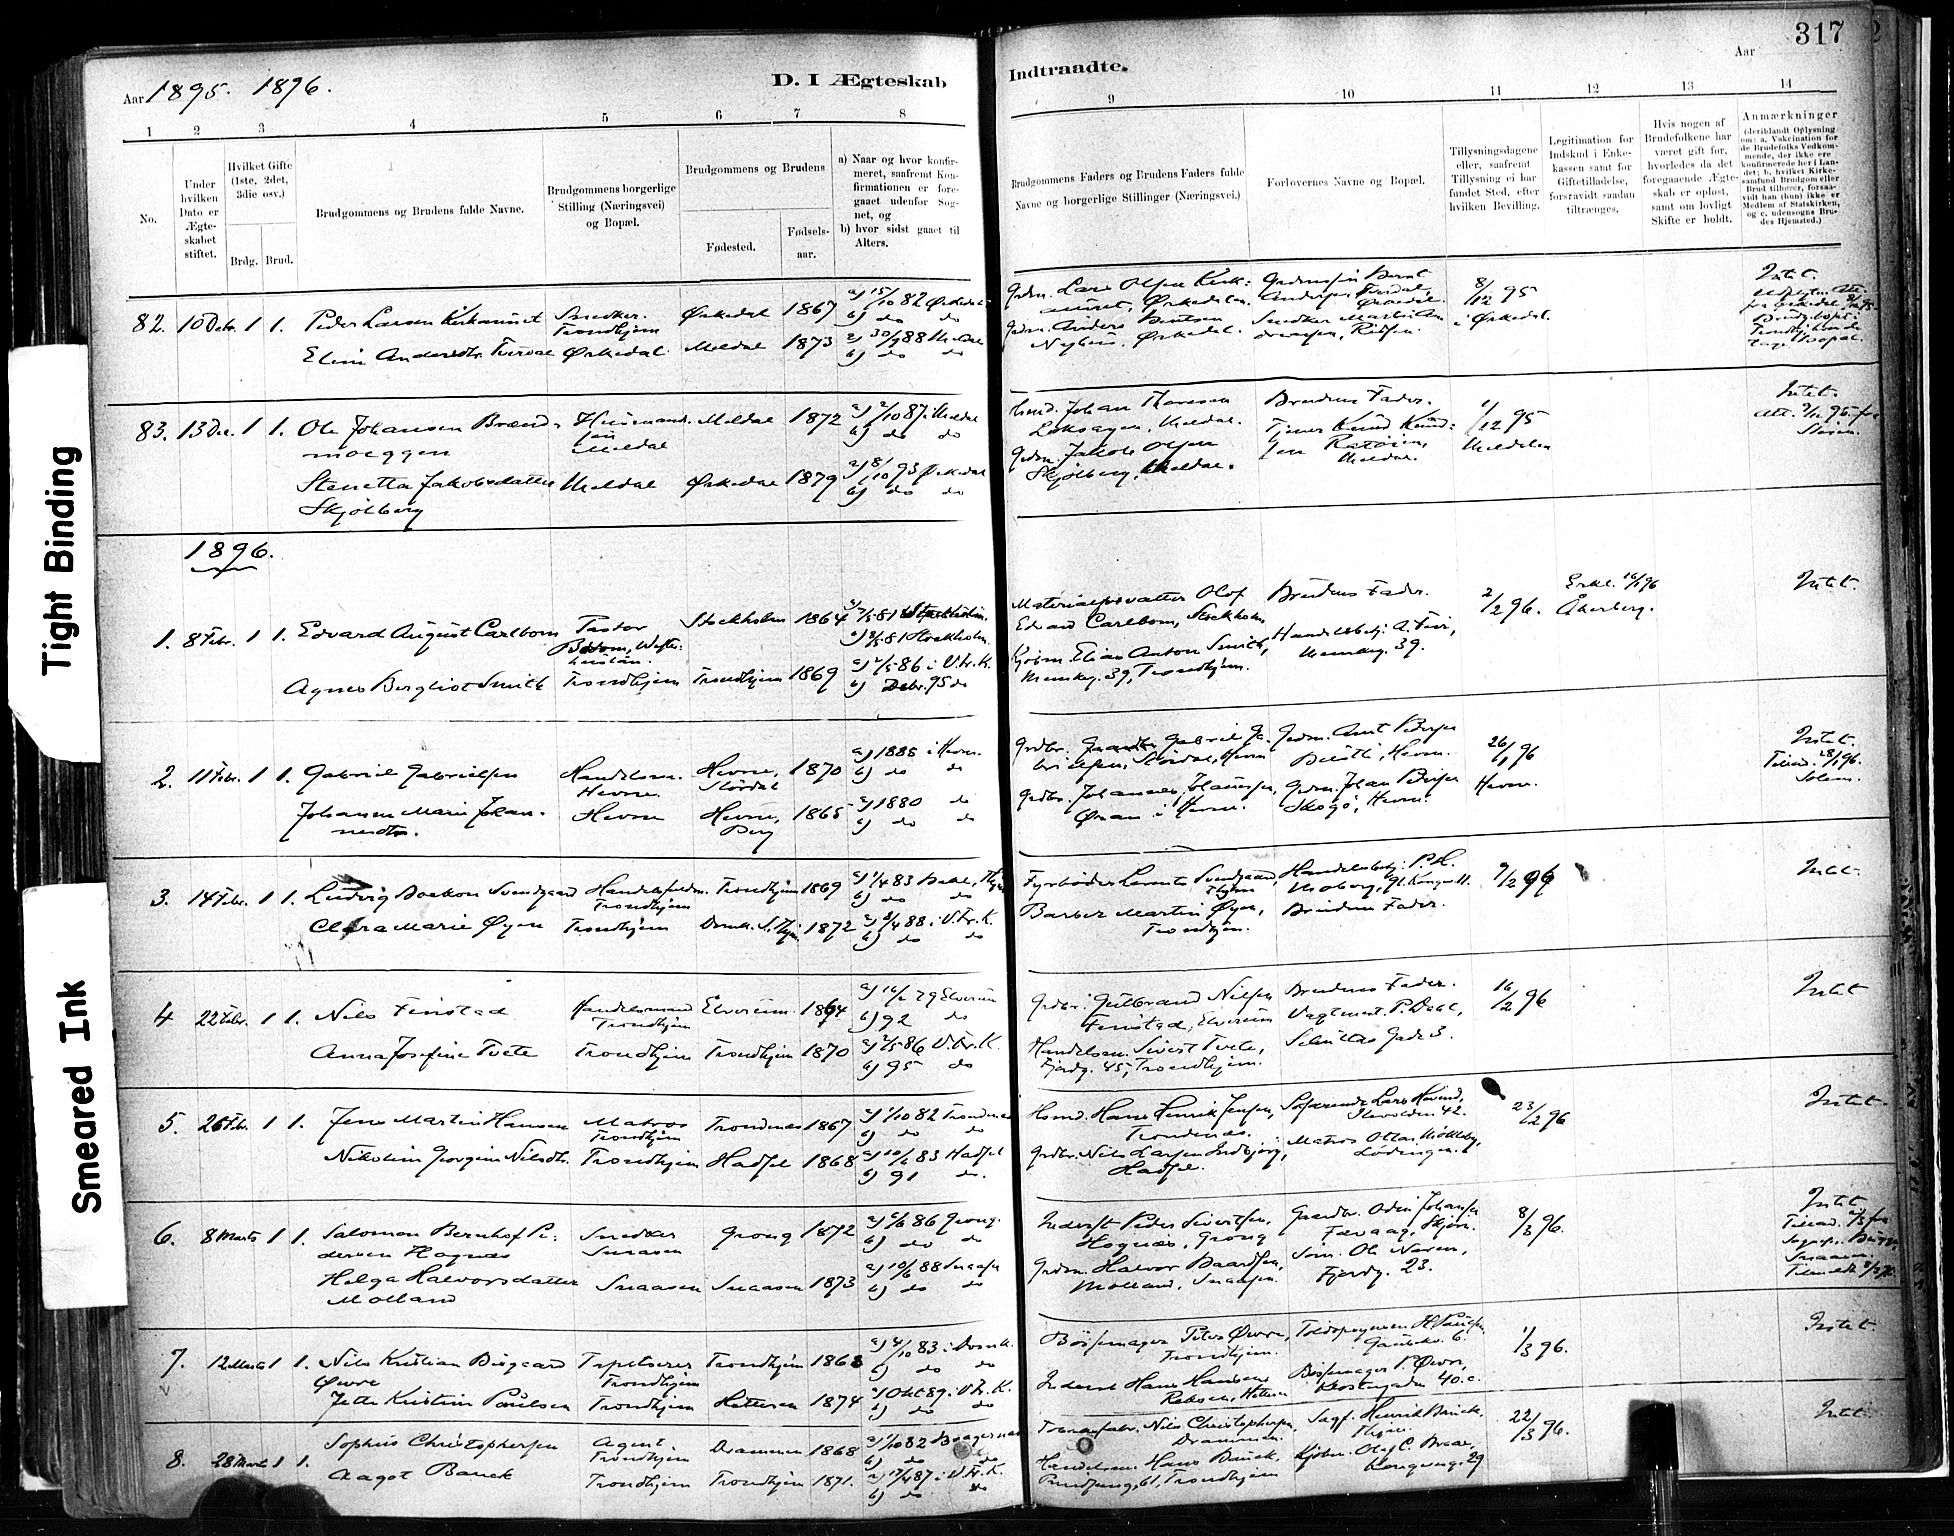 SAT, Ministerialprotokoller, klokkerbøker og fødselsregistre - Sør-Trøndelag, 602/L0119: Ministerialbok nr. 602A17, 1880-1901, s. 317